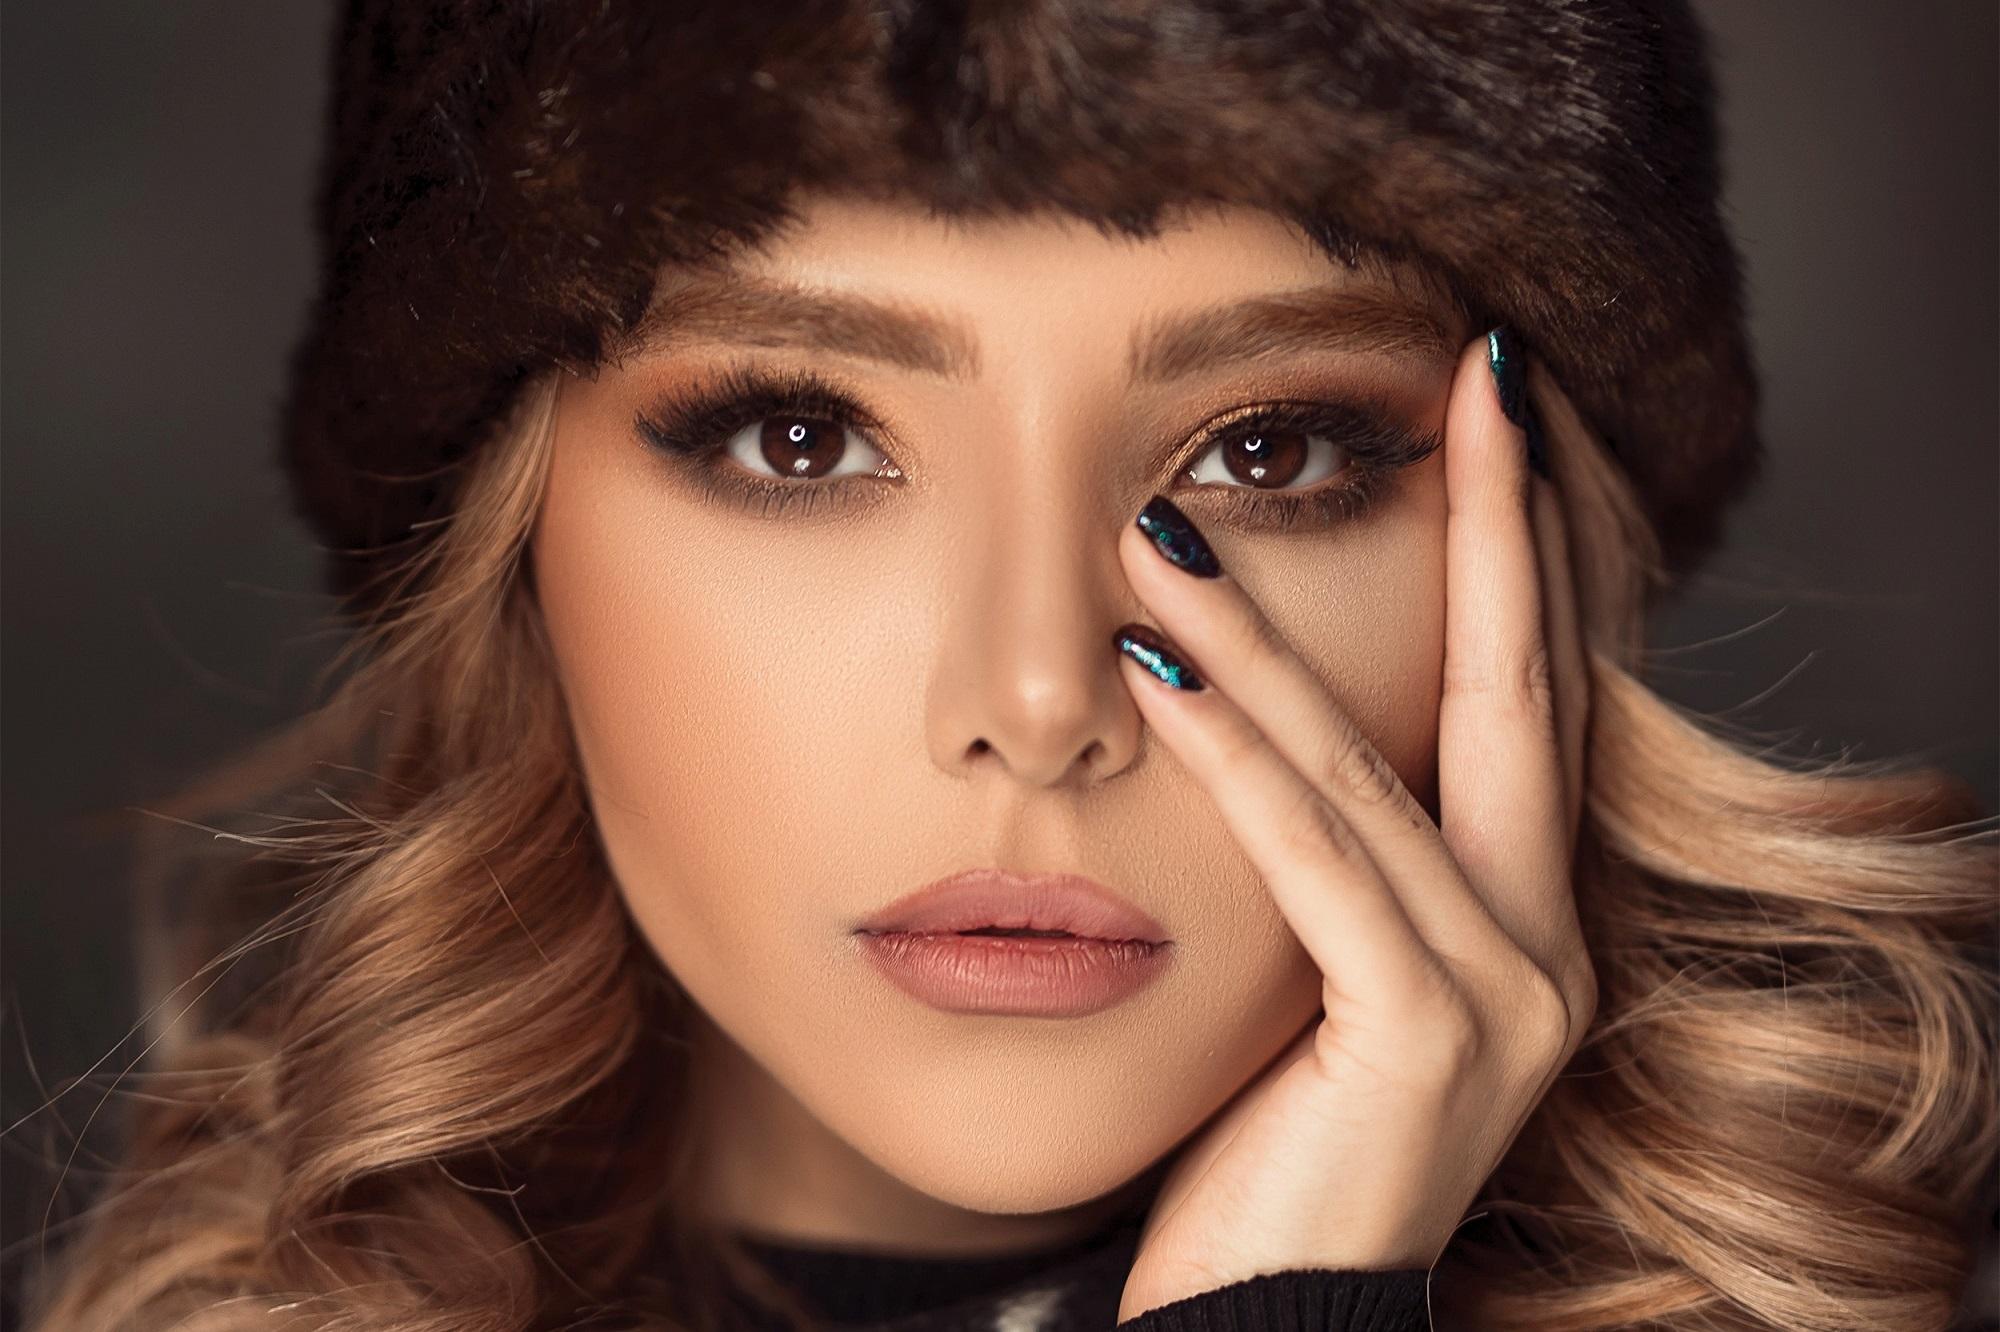 woman-wearing-fur-hat